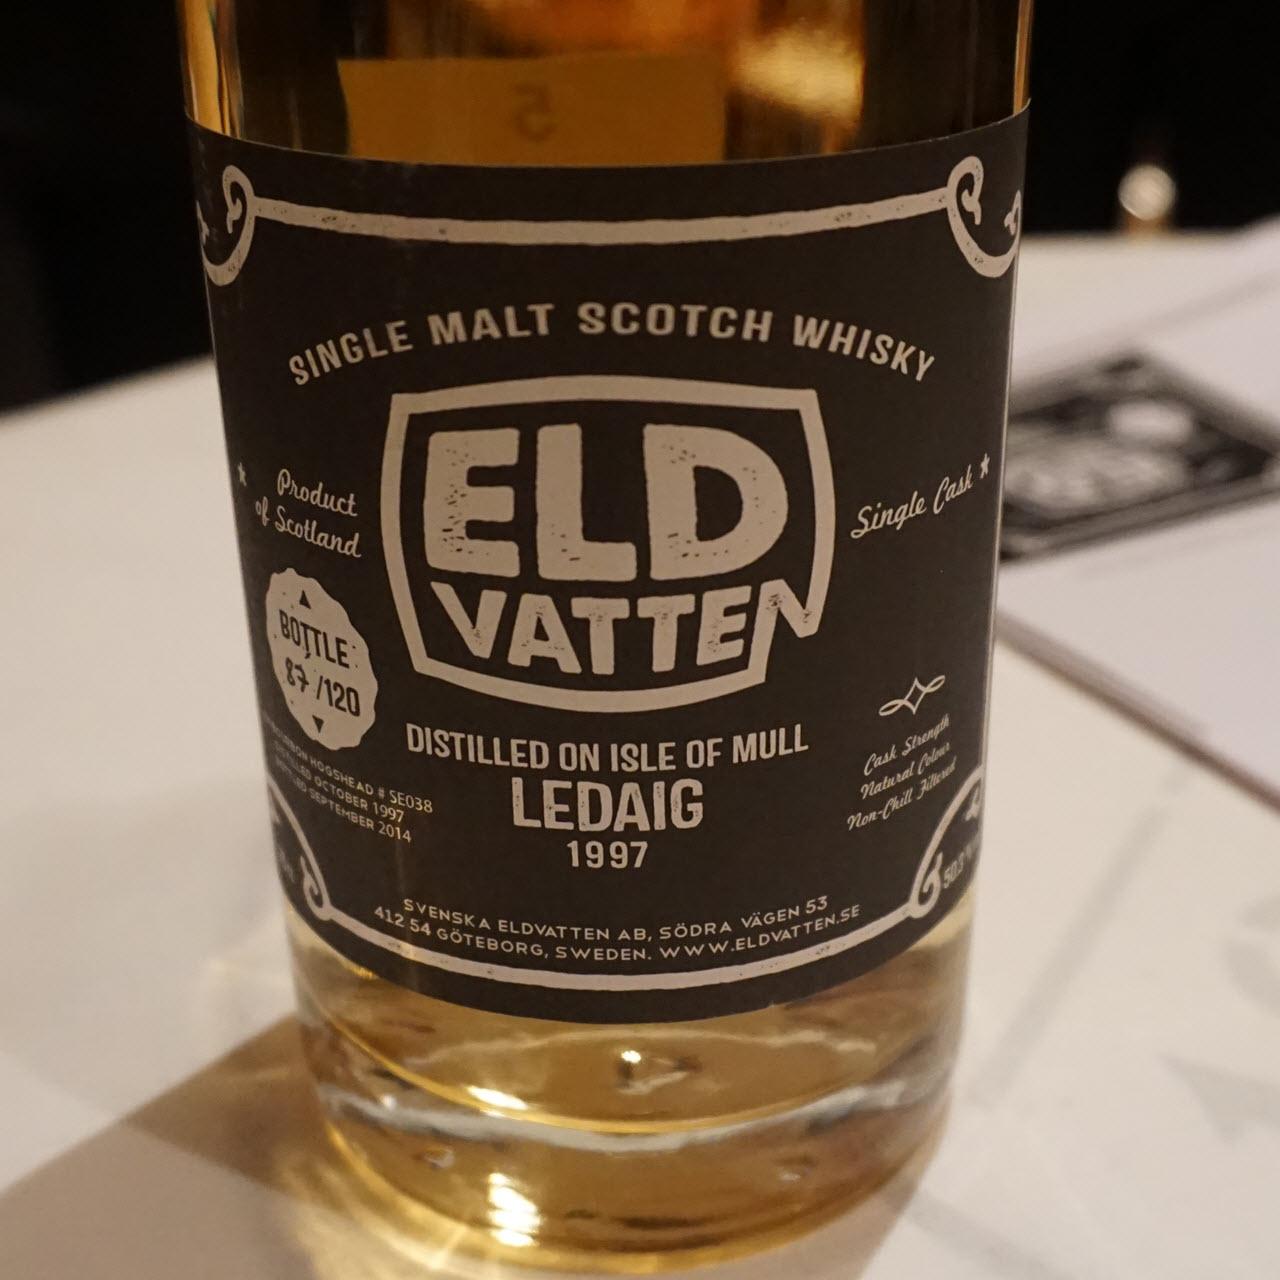 Ledaig 1997 16 YO Svenska Eldvatten